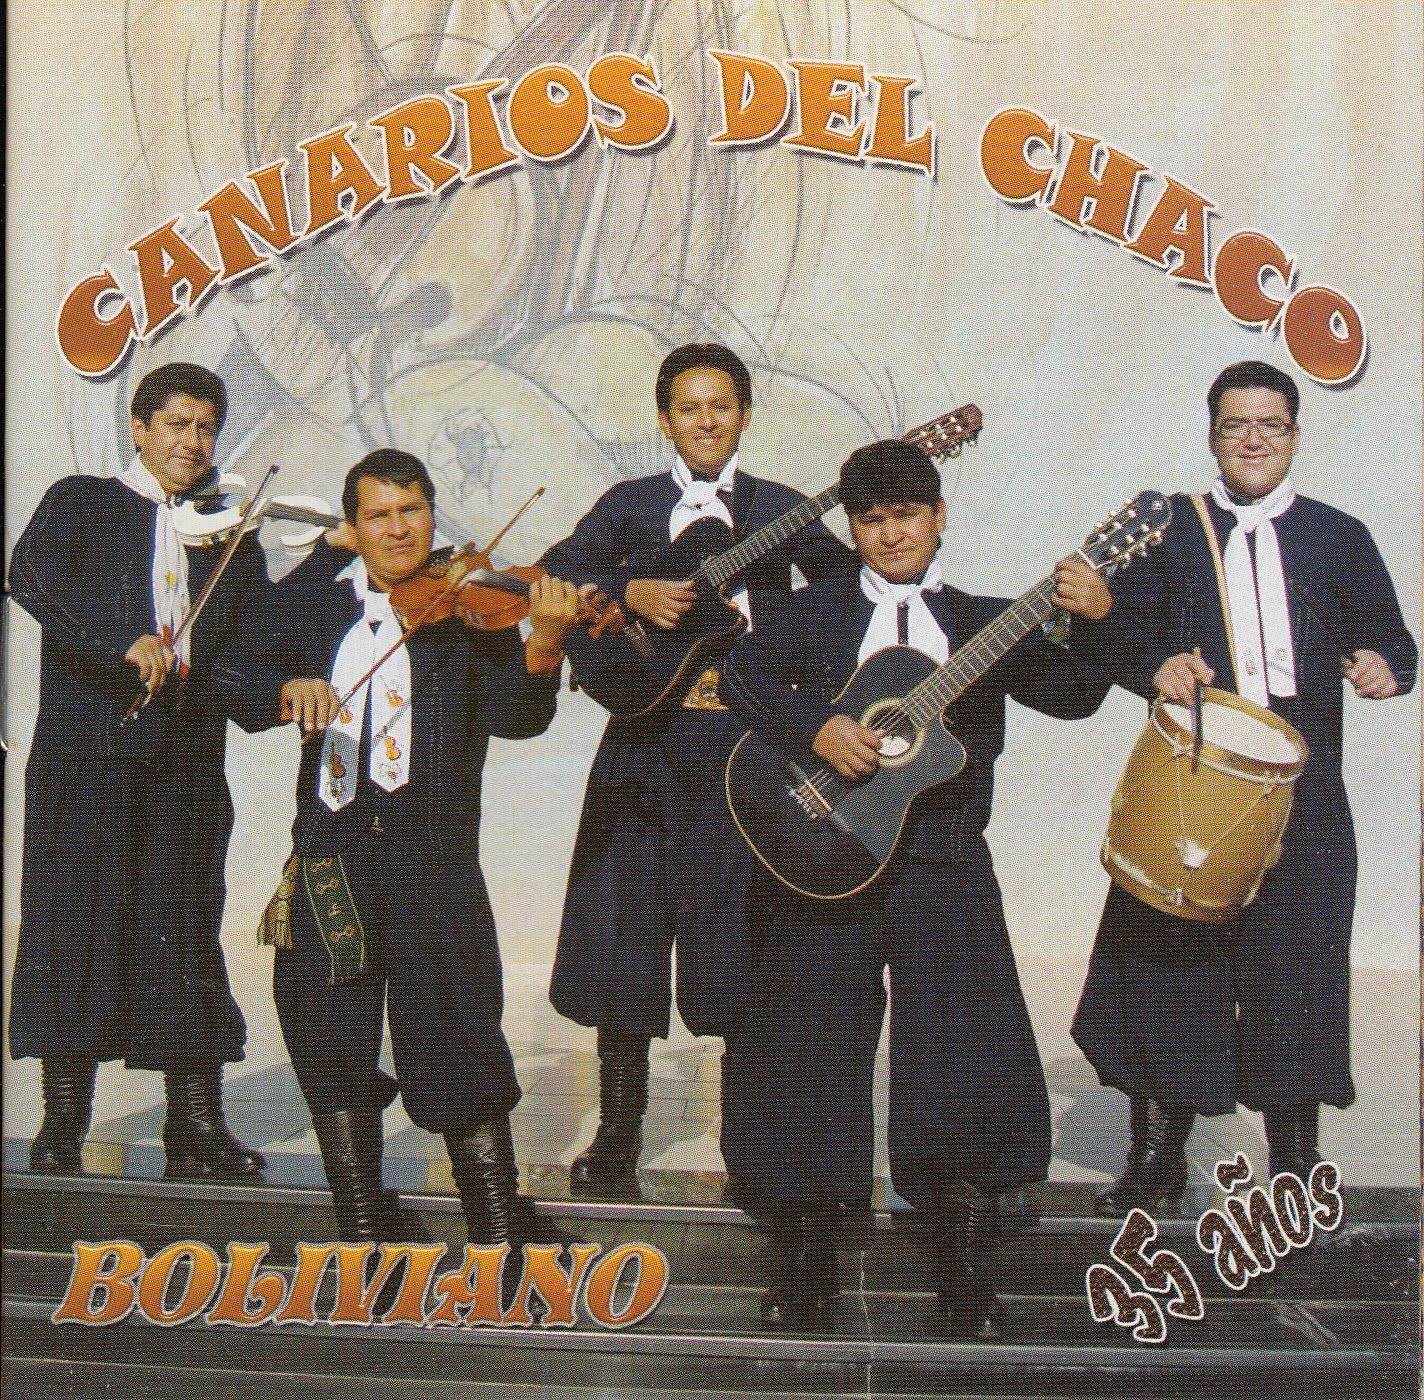 Los Canarios del Chaco